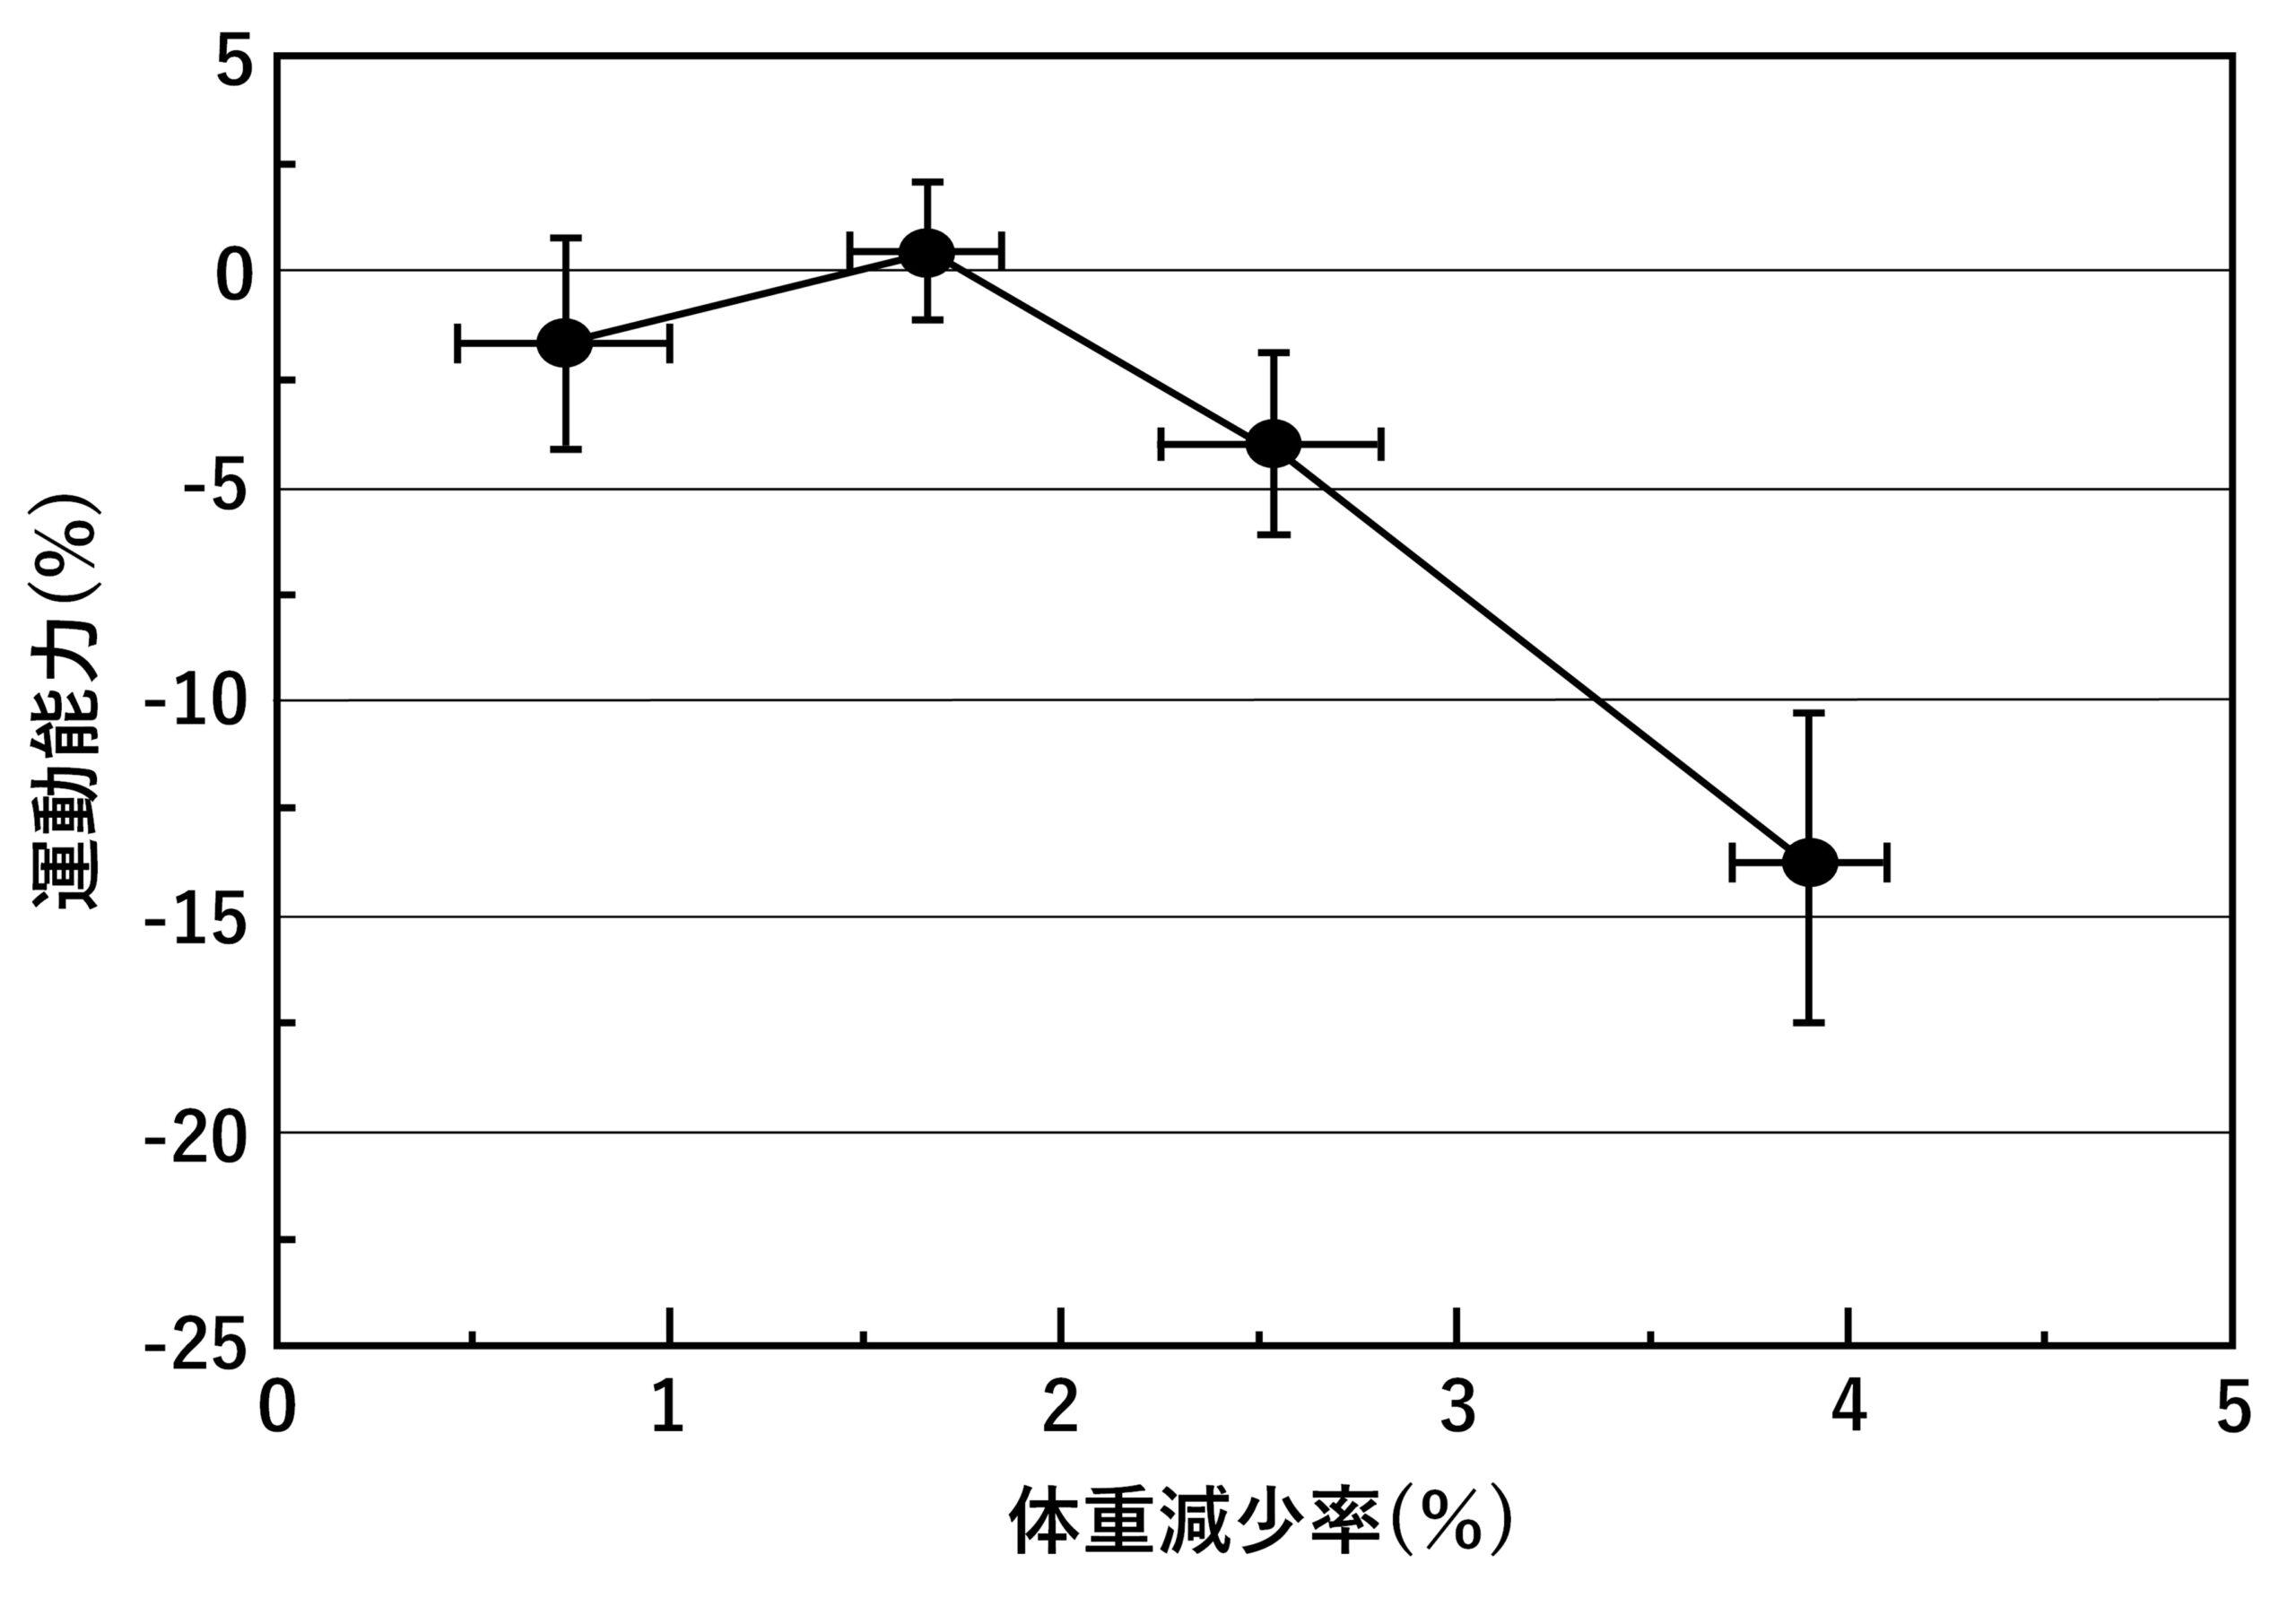 図1. 脱水による体重減少率と運動能力の関係